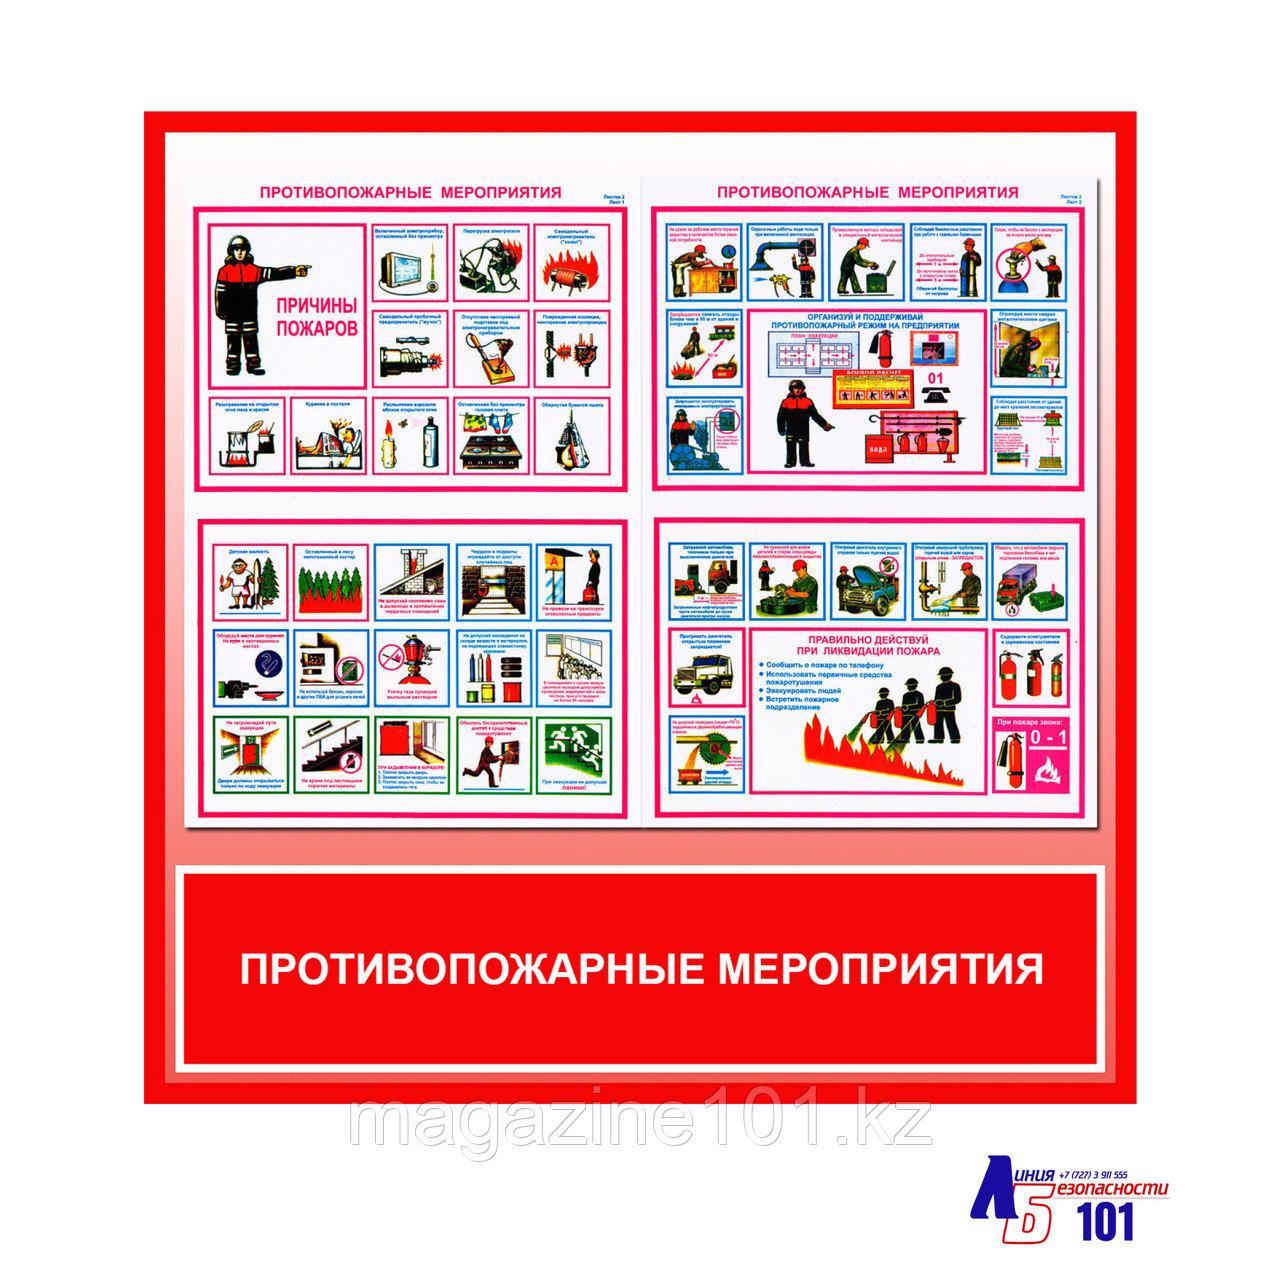 """Плакаты """"ПРОТИВОПОЖАРНЫЕ МЕРОПРИЯТИЯ"""""""